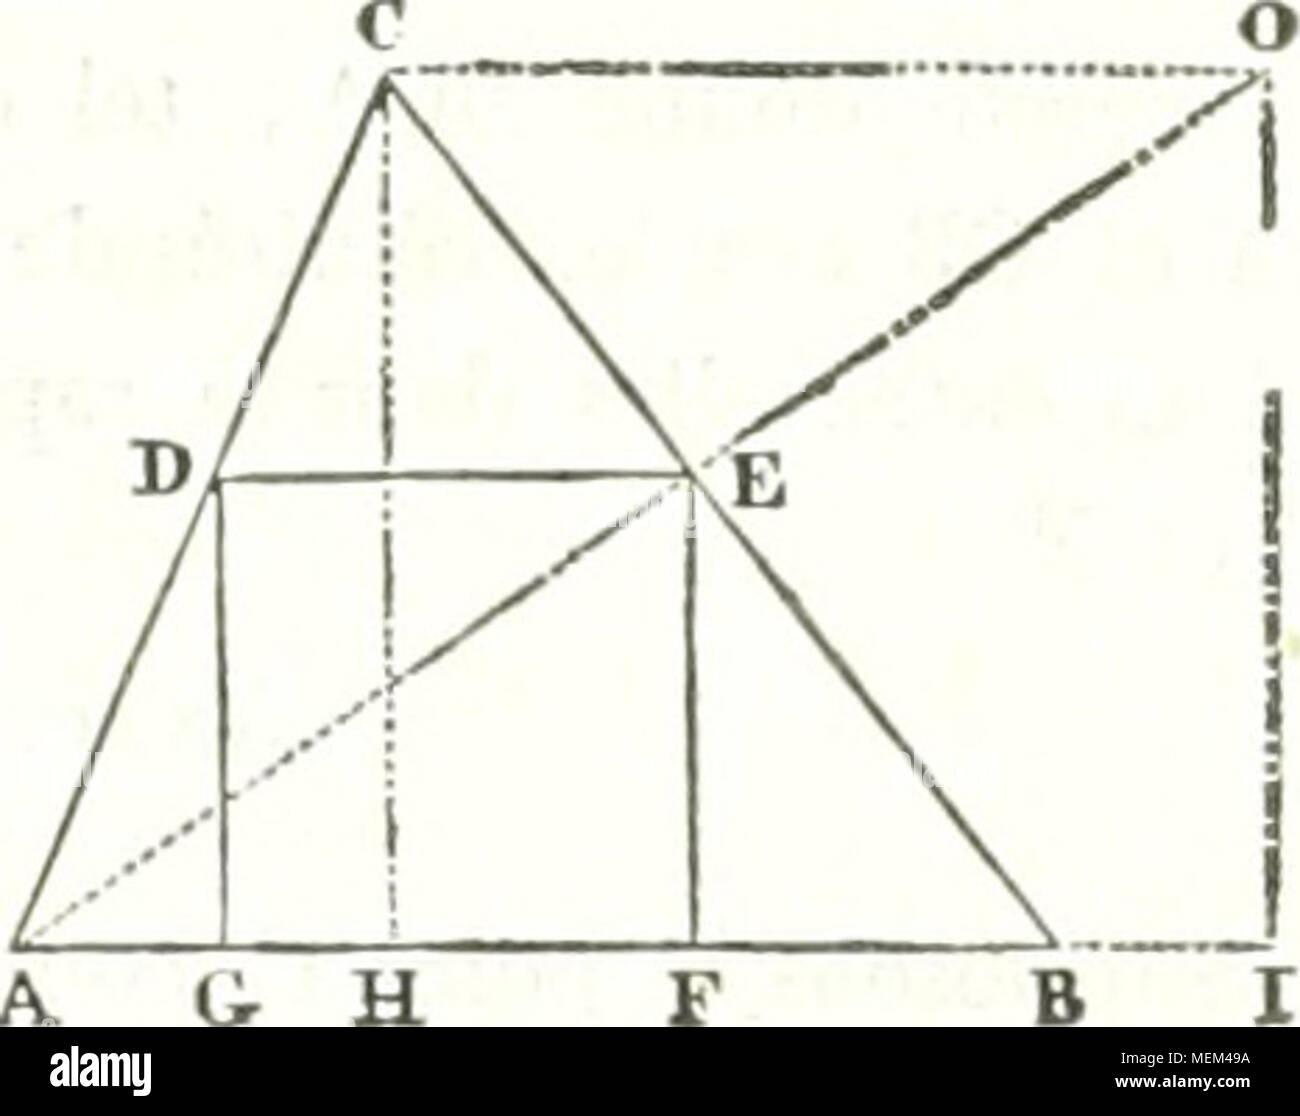 . Dictionnaire des sciences mathématiques pures et appliquées . donc les quatrièmes termes sont nécessairement égaux, et l'on a OI = CO = CH. Ainsi, la figure CHIO est un carré dont le côté est égal à la hauteur du triangle donné, et il ne faut que cons- truire ce carré pour obtenir le point E, et par consé- quent résoudre le problème. Synthèse. Construction. Sur la hauteur CH du triangle donné, construisez le carré CHIO; joignez les points A et O par une droite; du point E, où cette droite rencontre le côté CB du triangle, abaissez la perpendiculaire EF sur la base, menez  Stock Photo